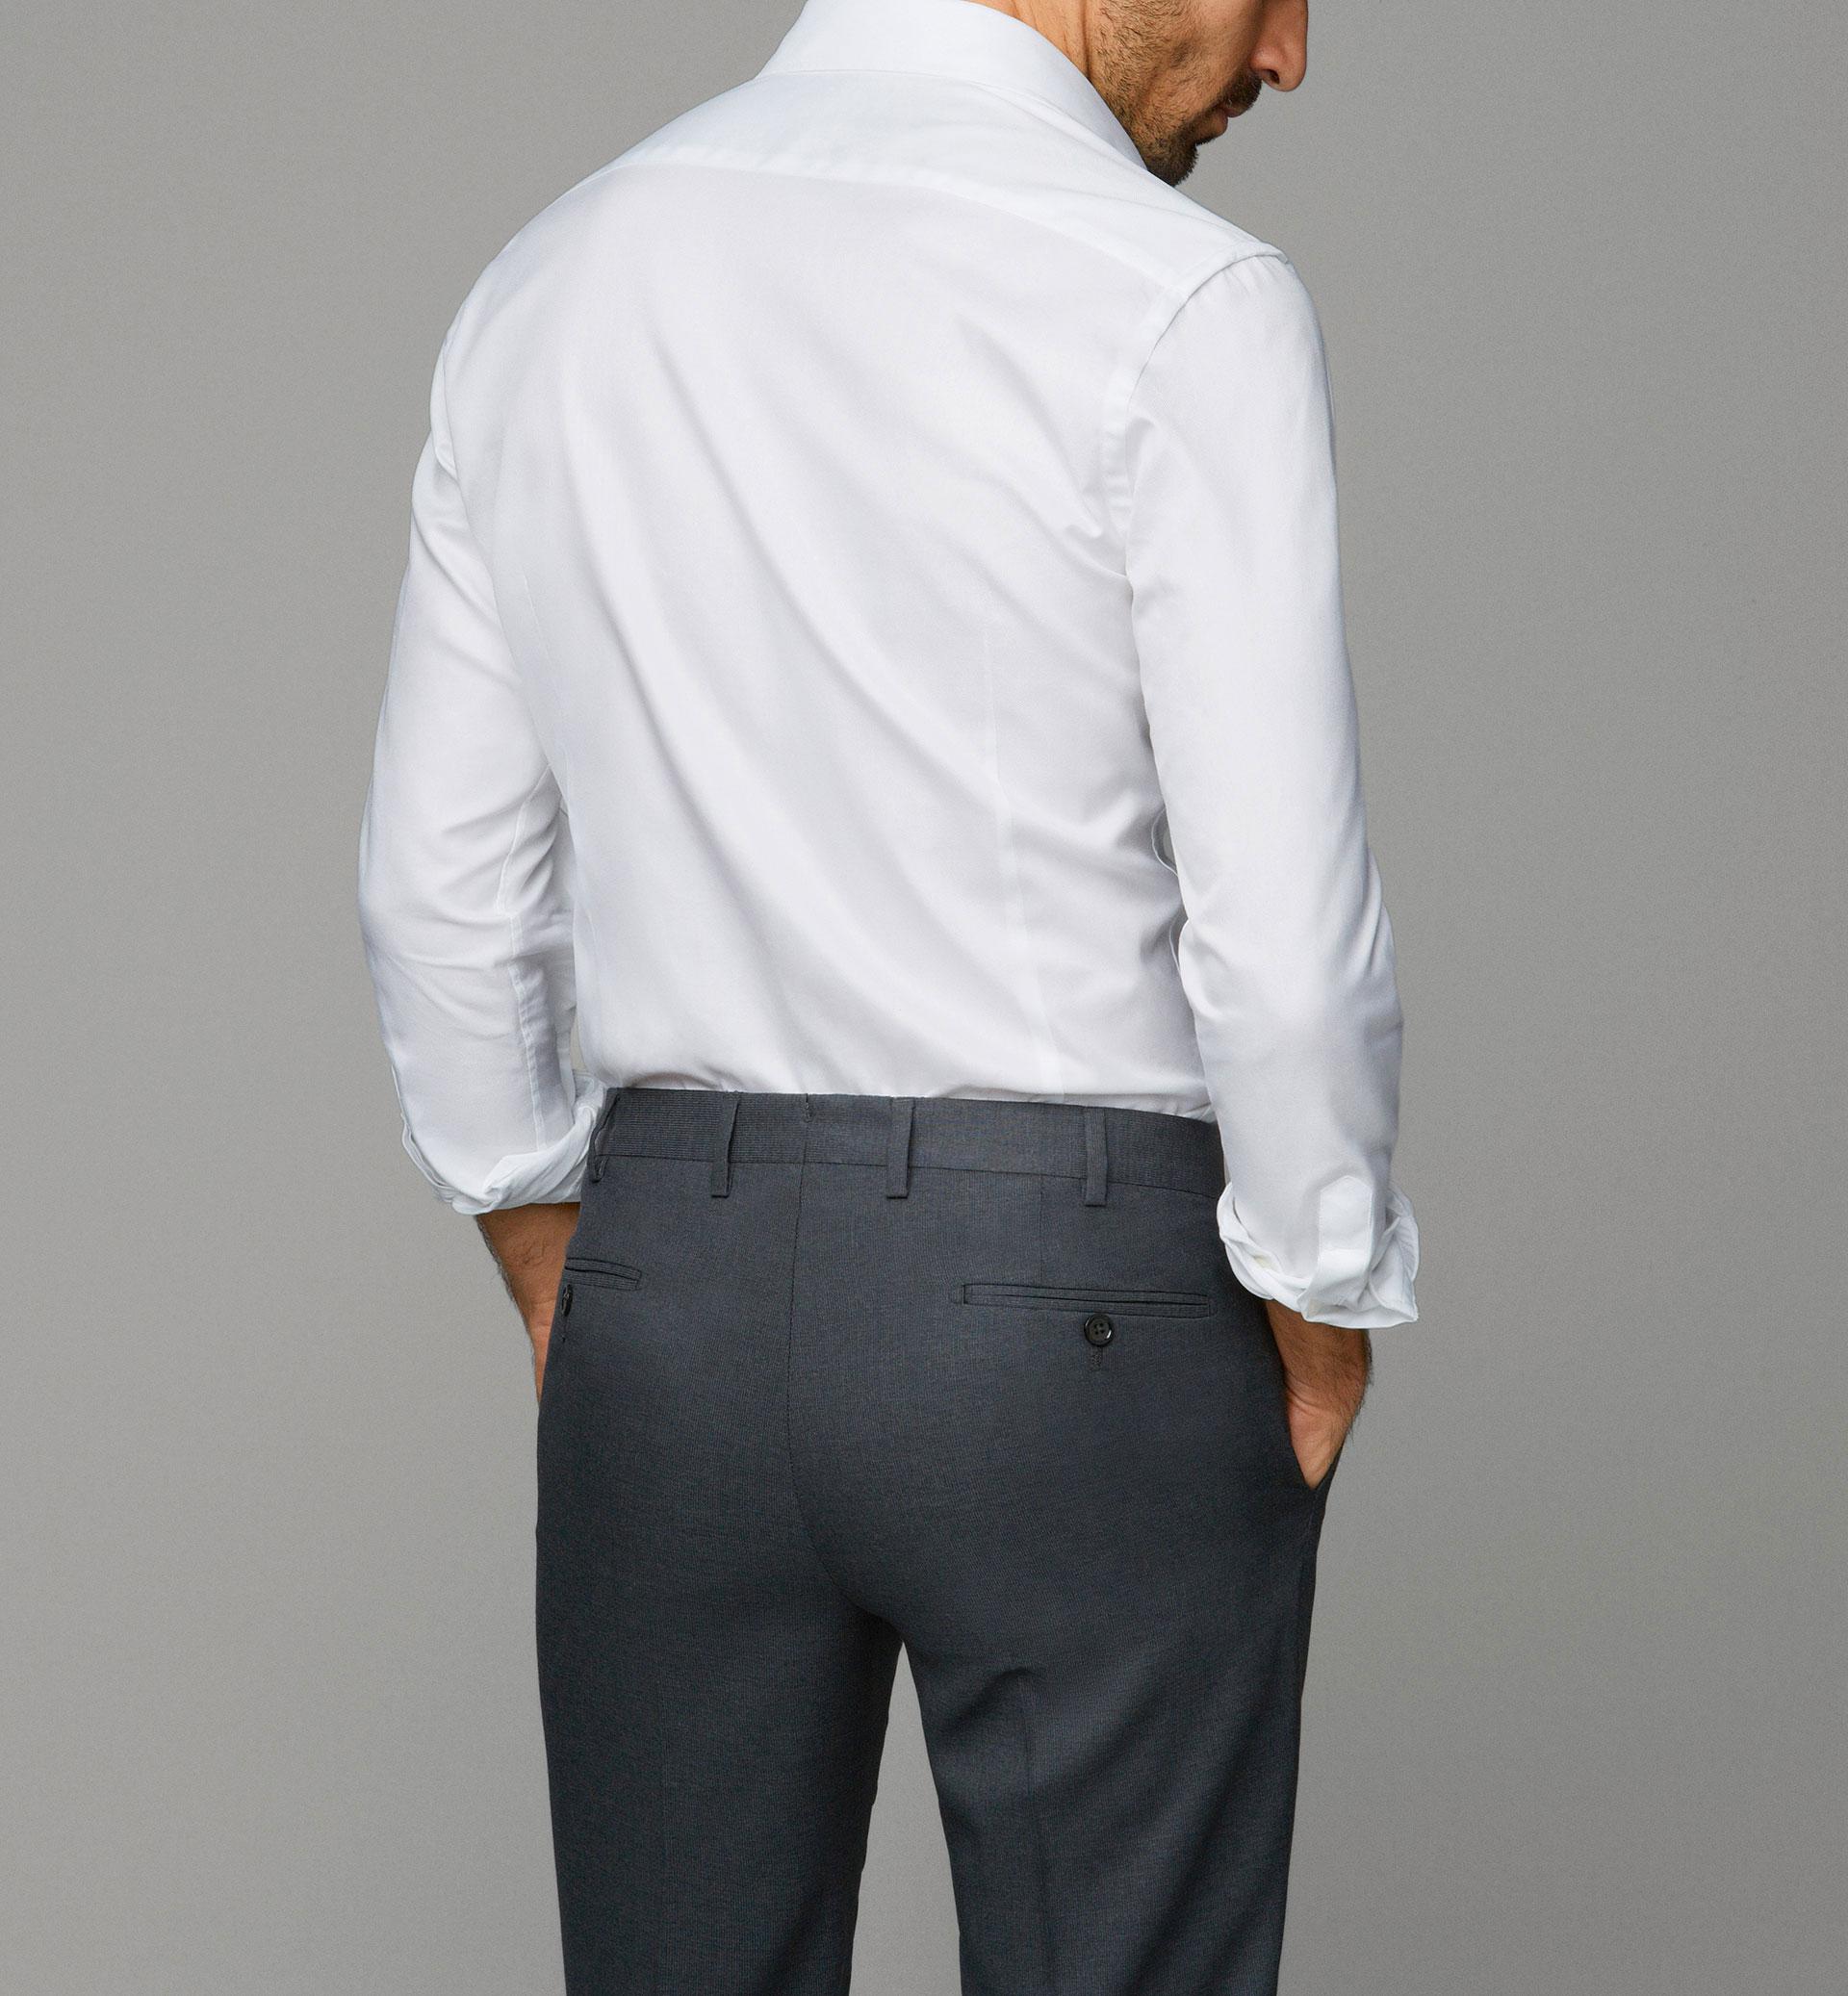 Pantalones de vestir grises